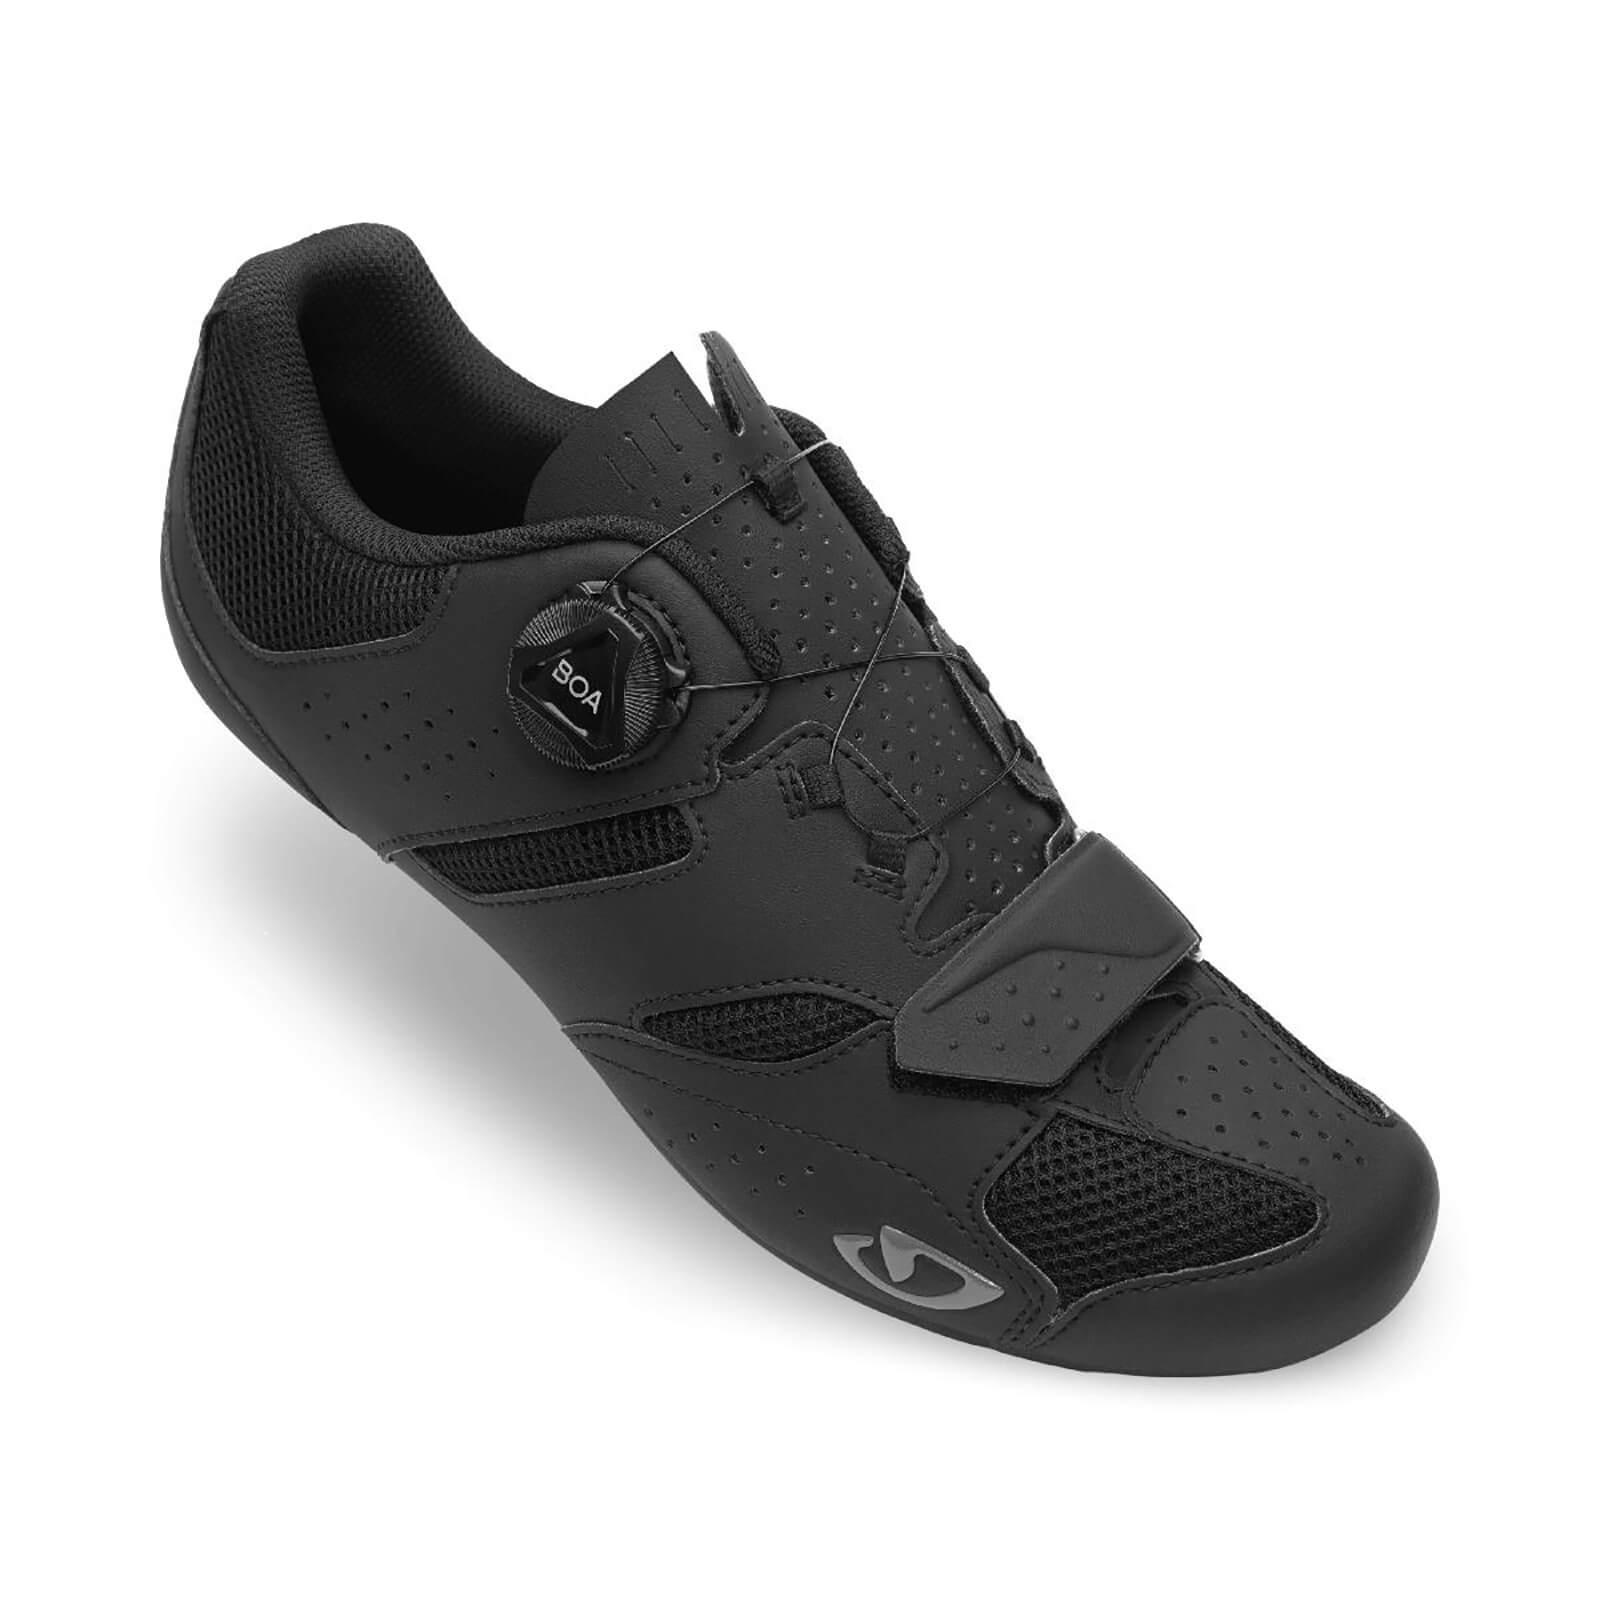 Hjc Valeco Road Helmet - L - Matt Gloss Navy/black